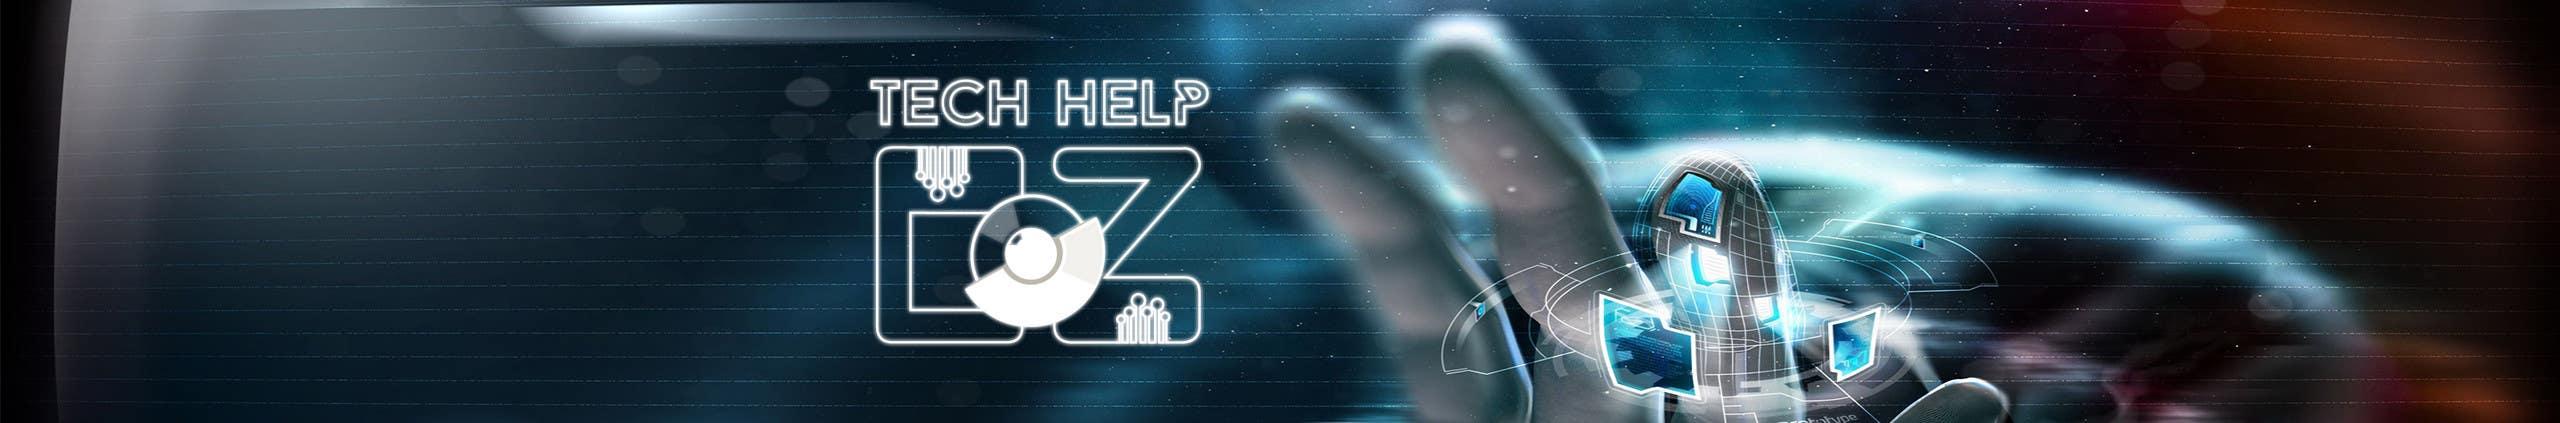 Konkurrenceindlæg #                                        23                                      for                                         Design a Banner for Tech Help Oz